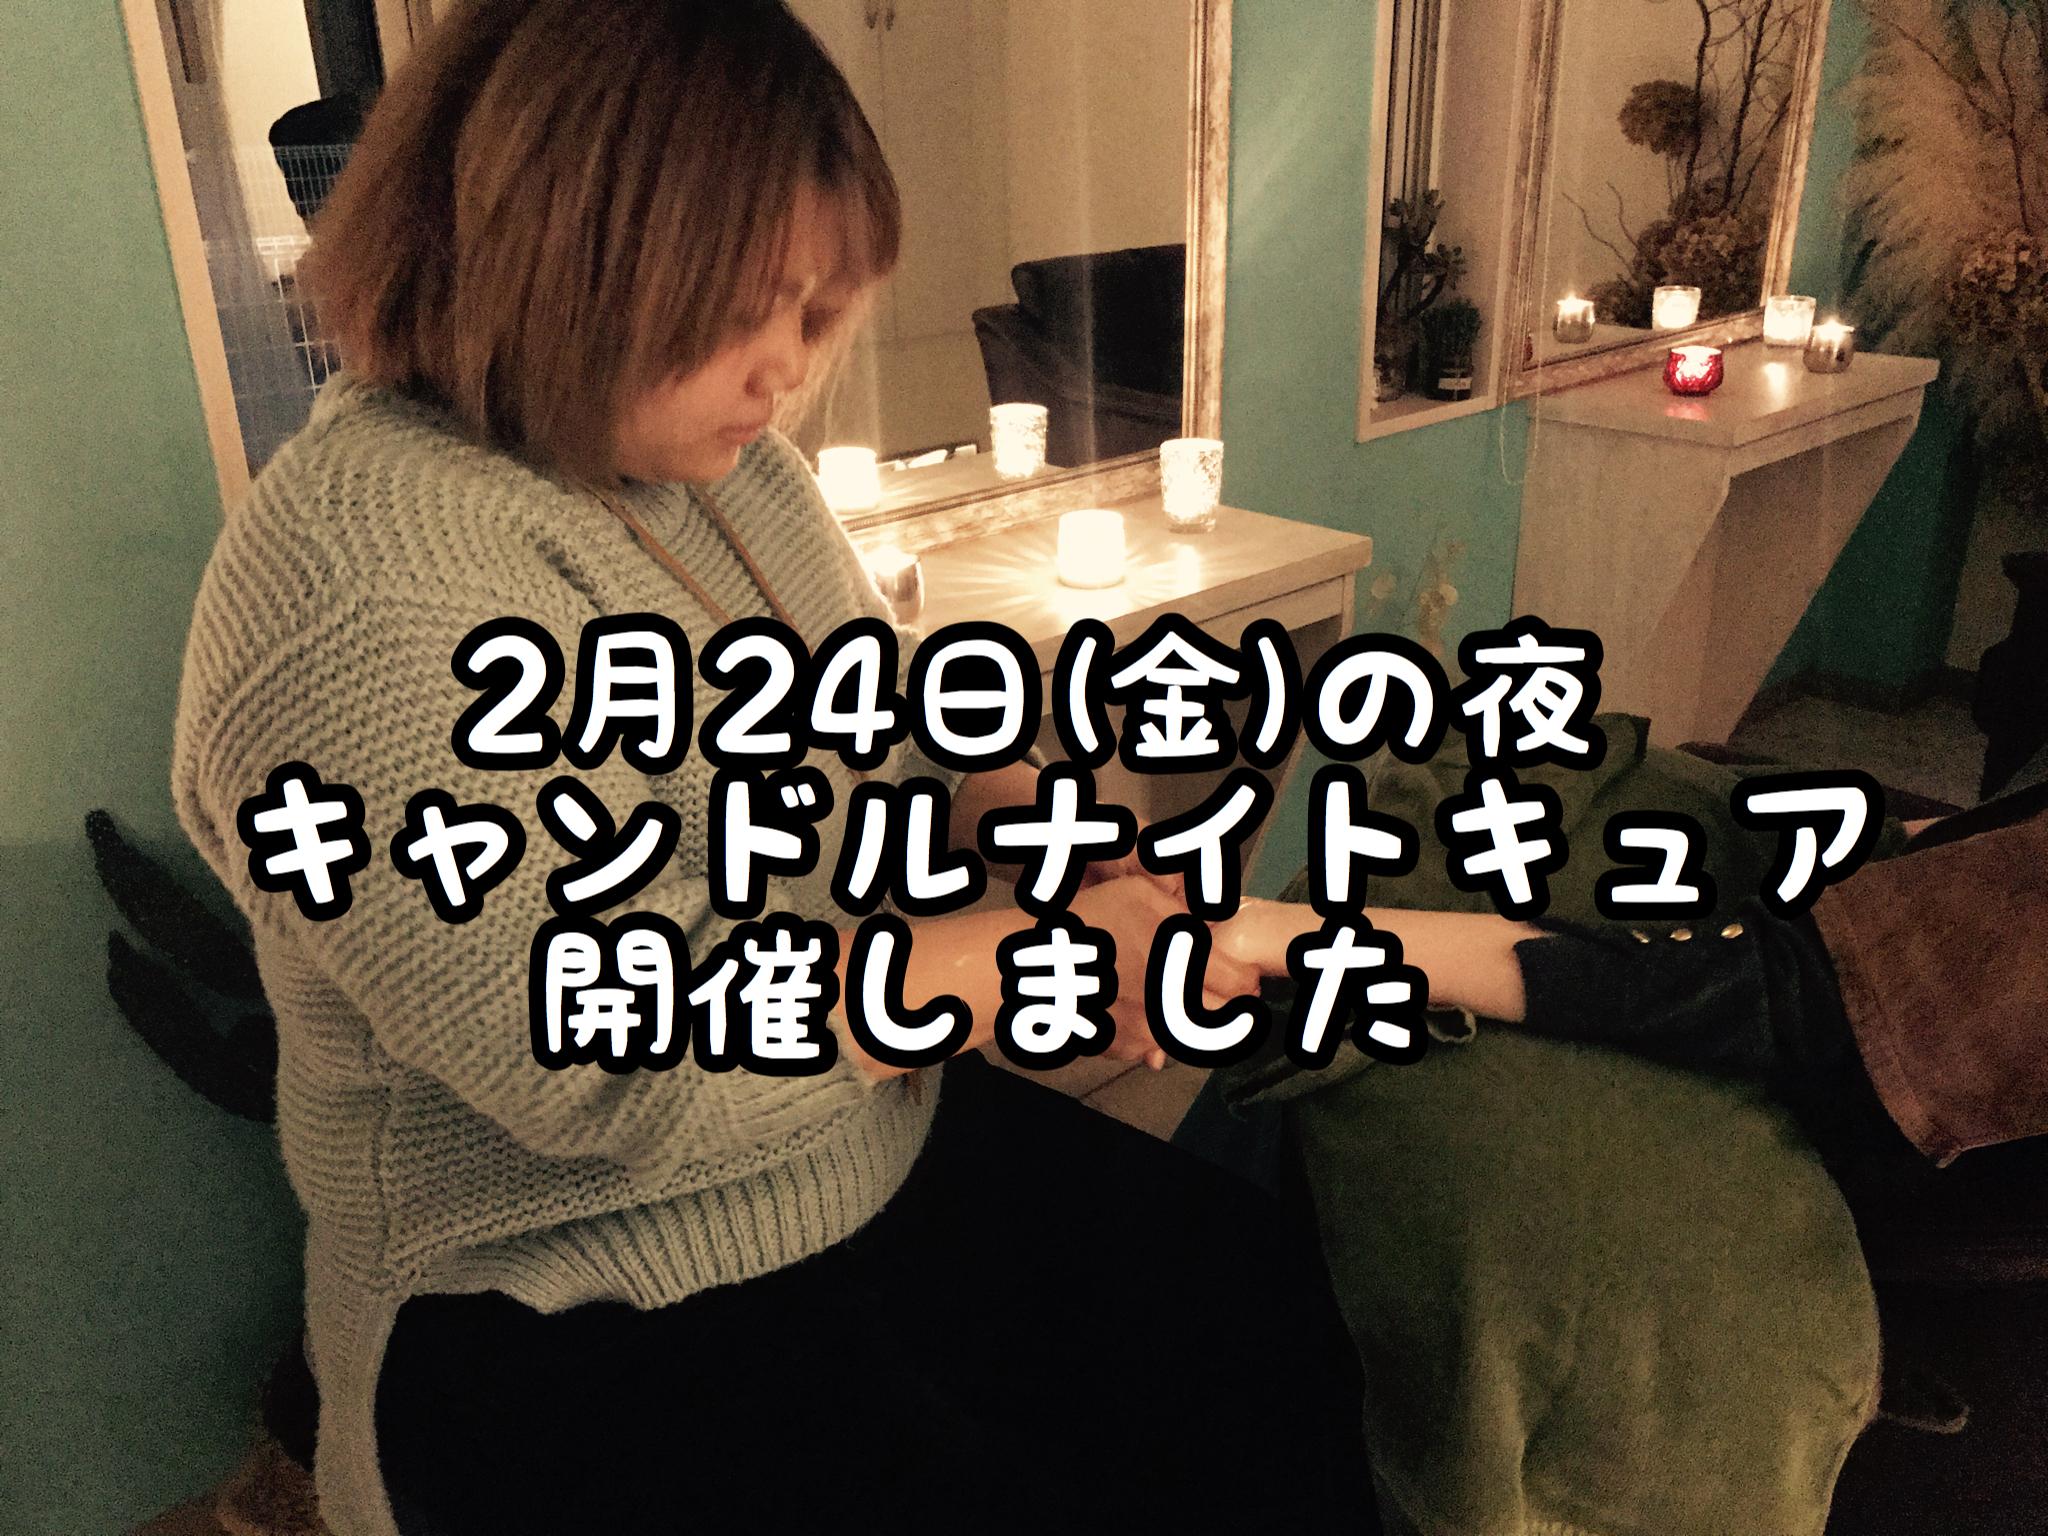 【夜会】久しぶりのプレミアムキャンドルナイトキュアを行いました!